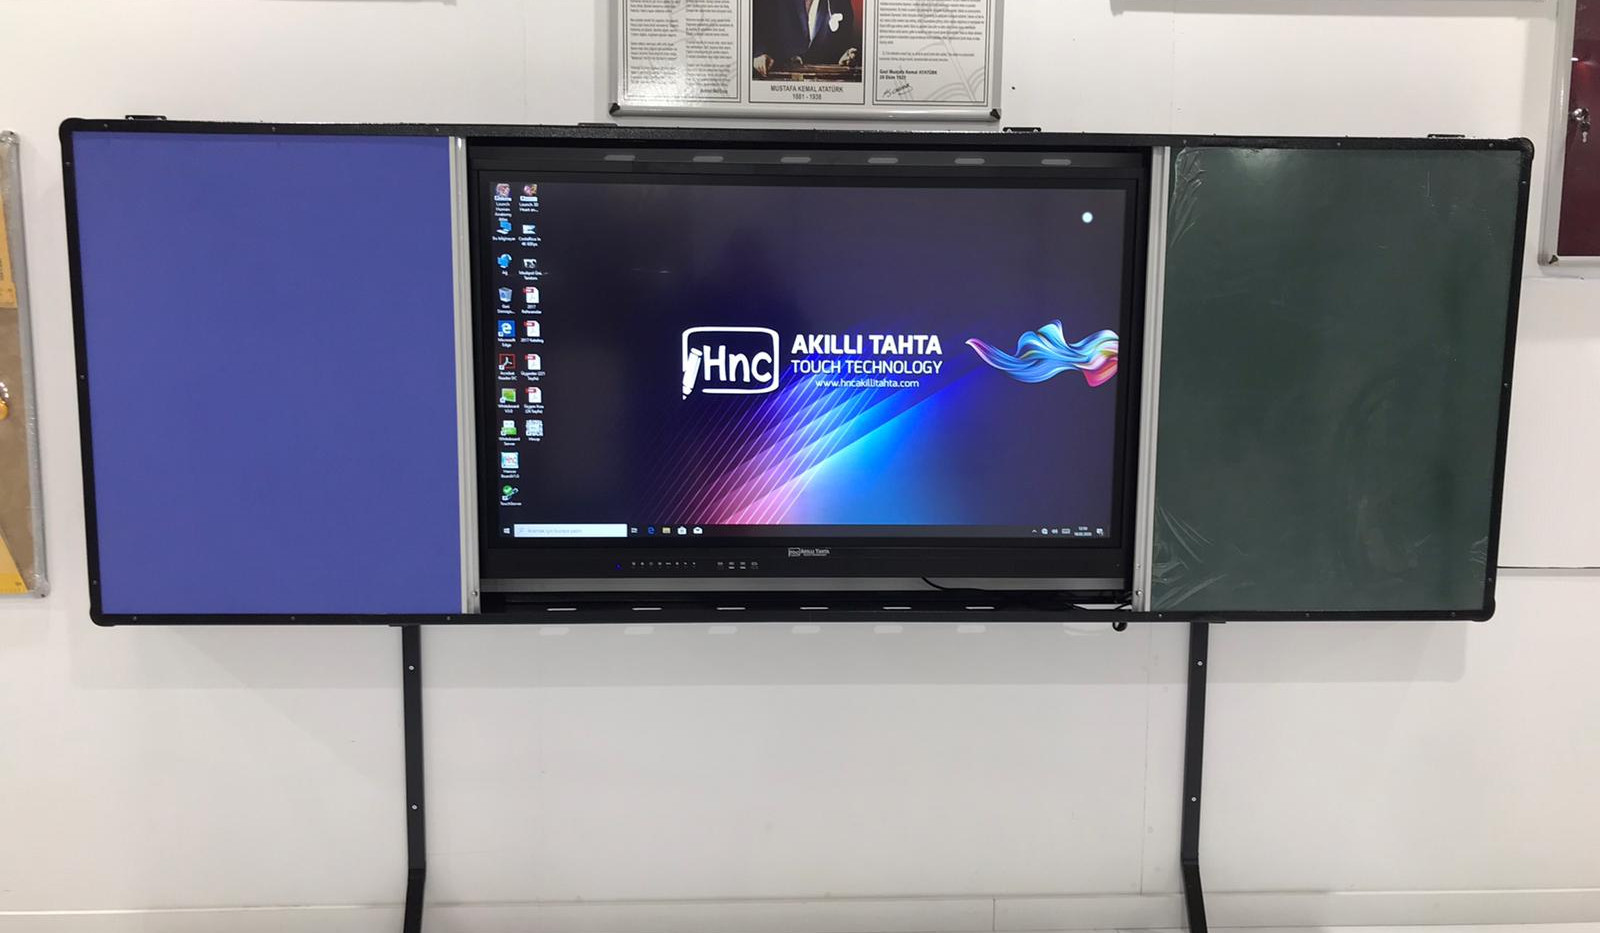 IMG-20200218-WA0035.jpg